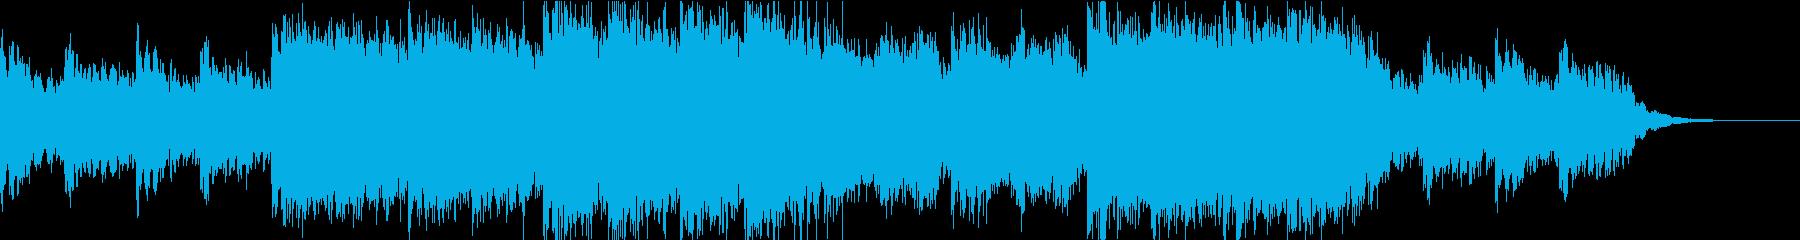 ダークエナジー /オーケストラ・エピックの再生済みの波形